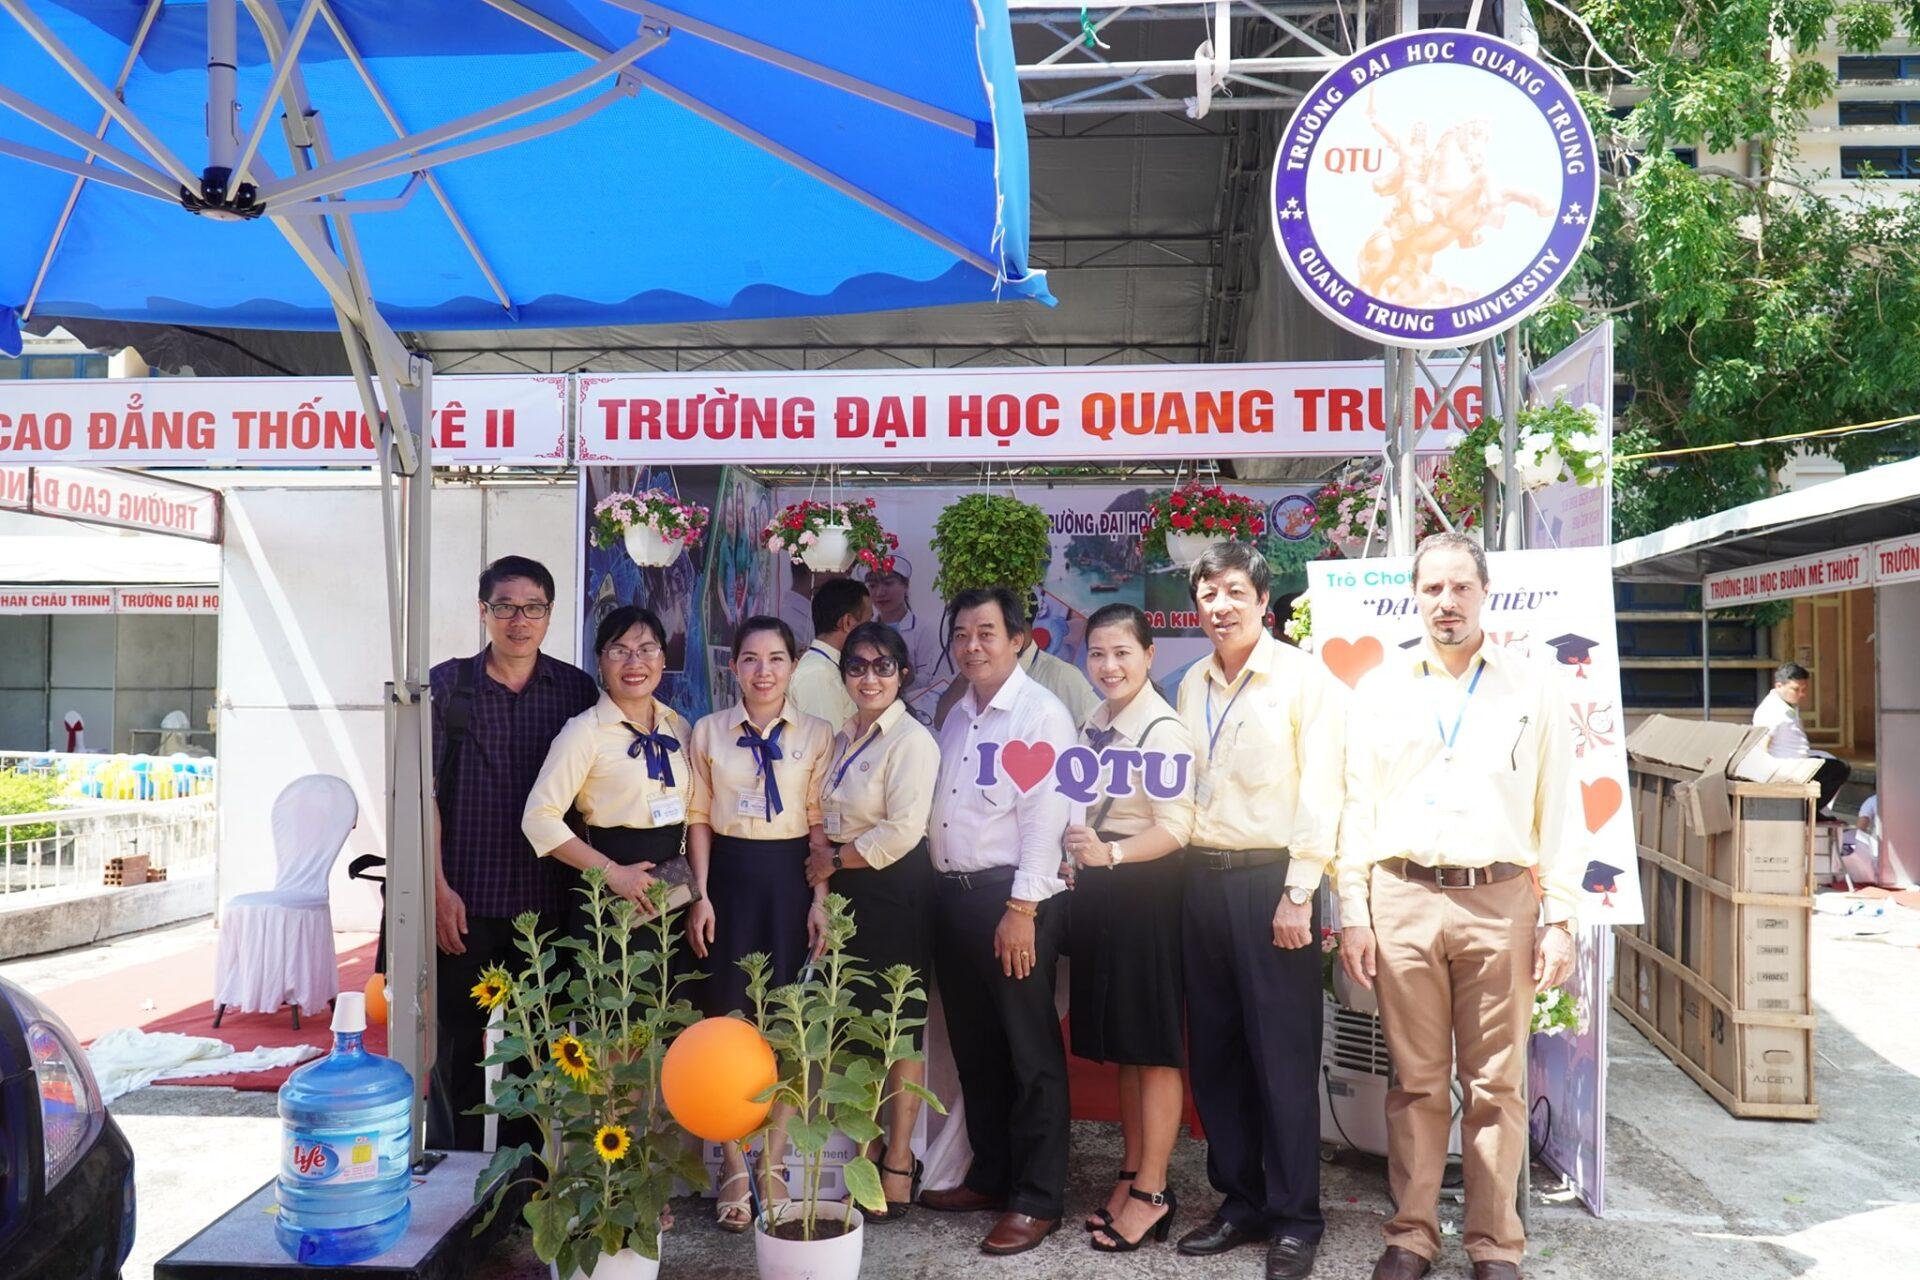 Trường ĐH Quang Trung tư vấn Hướng nghiệp cùng Báo Tuổi trẻ tại Tỉnh Phú Yên và Tỉnh Bình Định